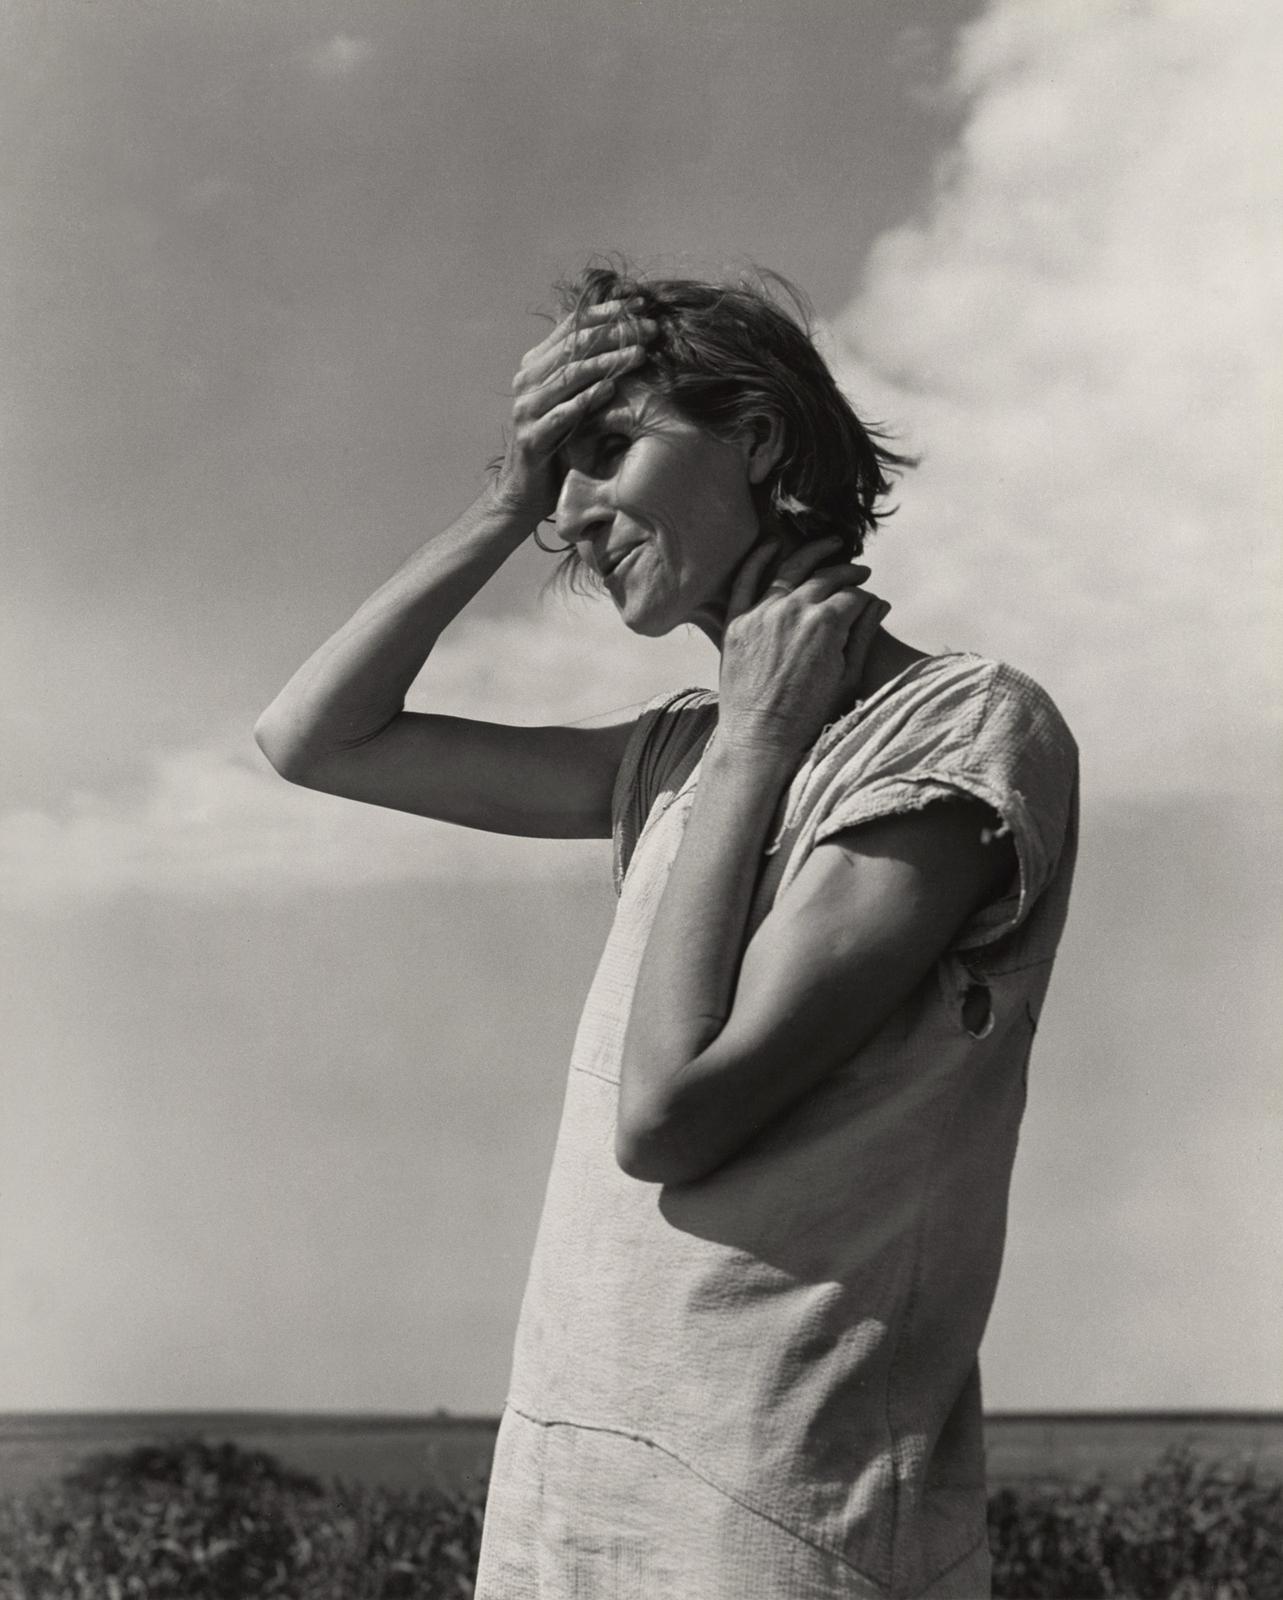 Fotó: Dorothea Lange: Texas Panhandle, June 1938